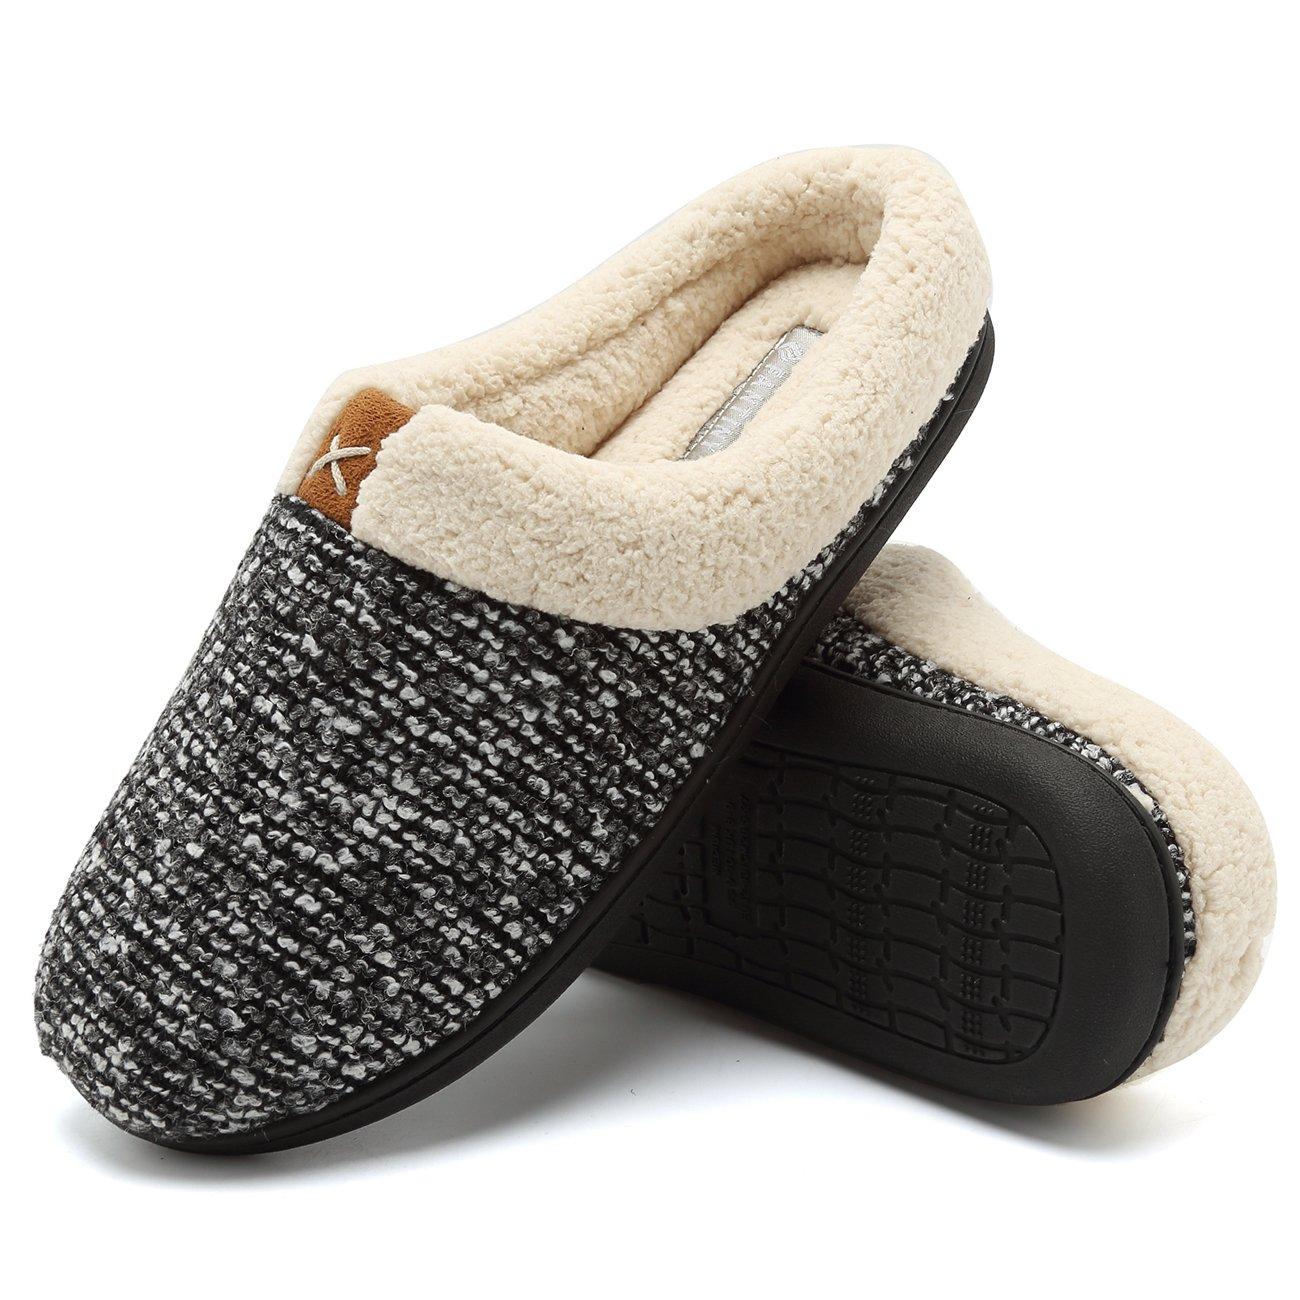 Fanture Men's Memory Foam Slippers Wool-Like Plush Fleece Lined Slip-on Clog Scuff House Shoes Indoor & Outdoor-U418WMT022-black-46.47